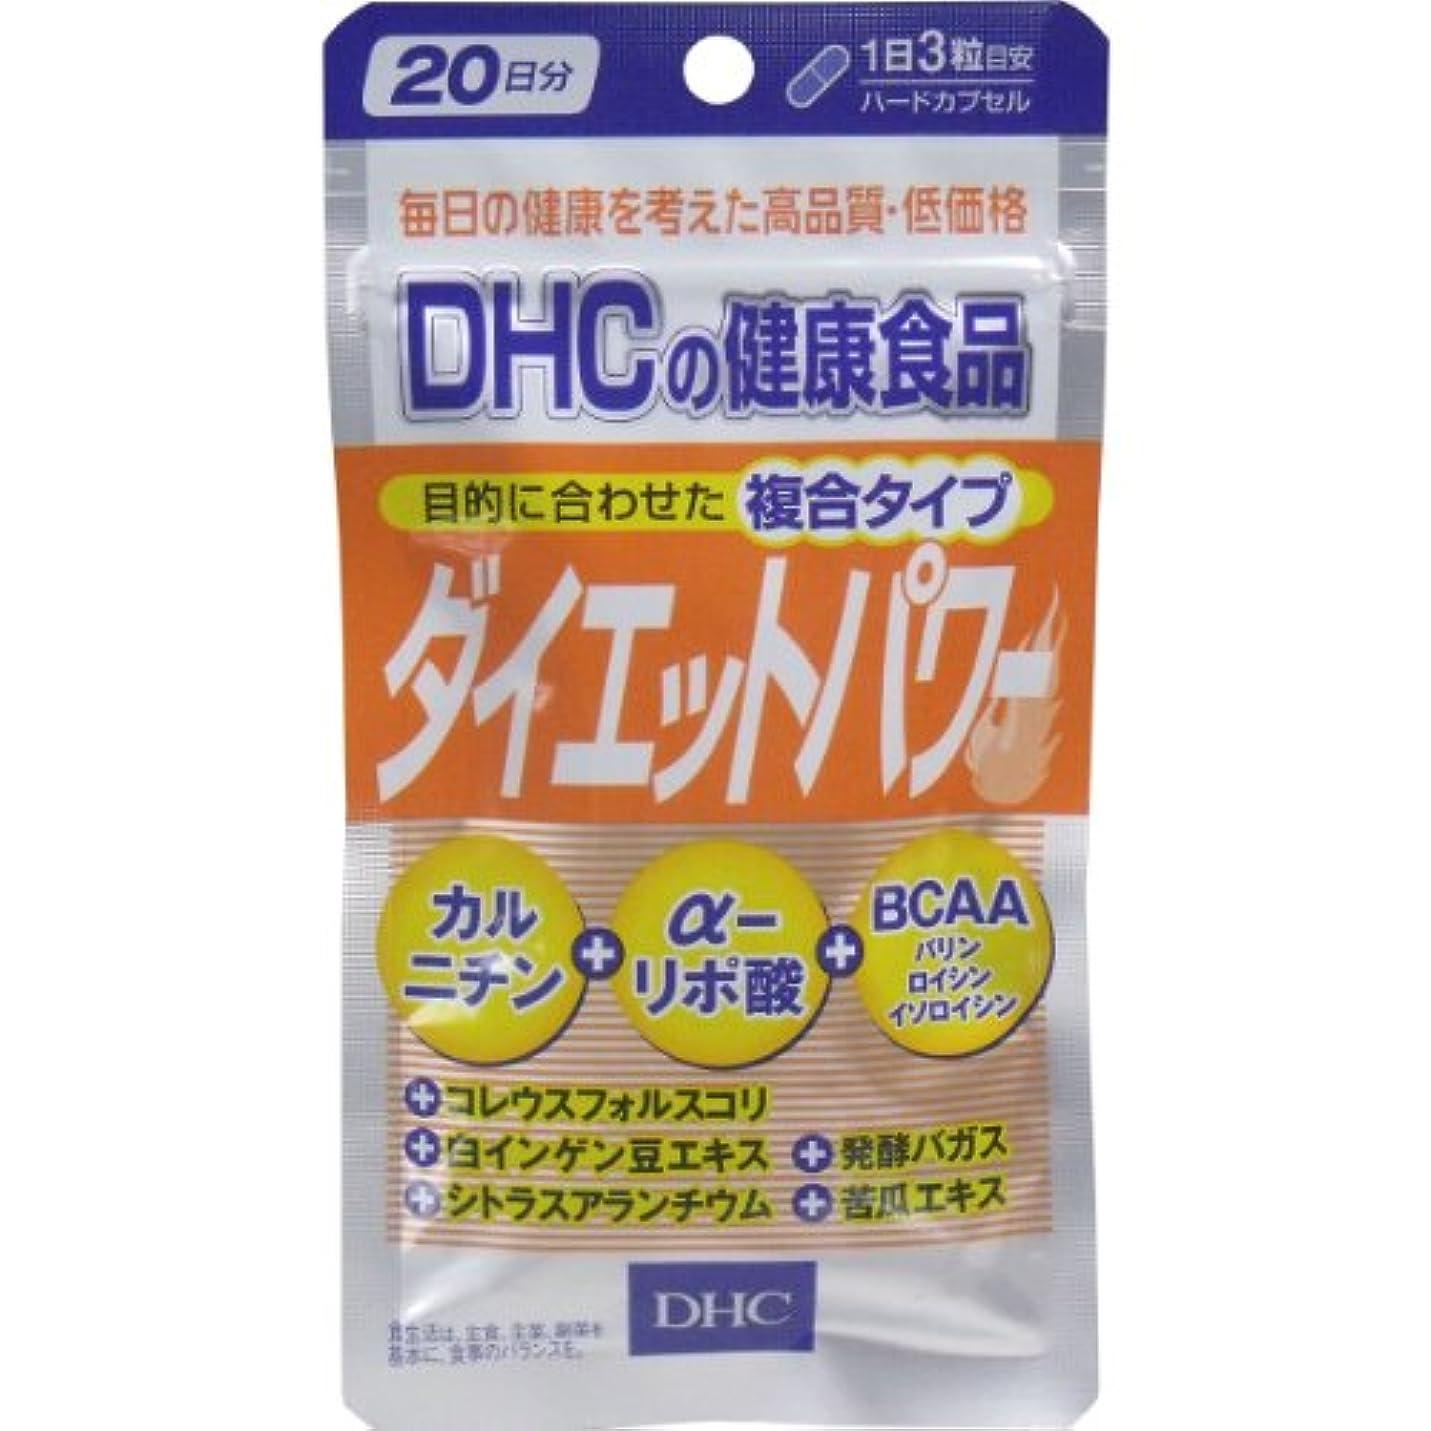 規制精巧な抽象化DHC ダイエットパワー 60粒入 20日分